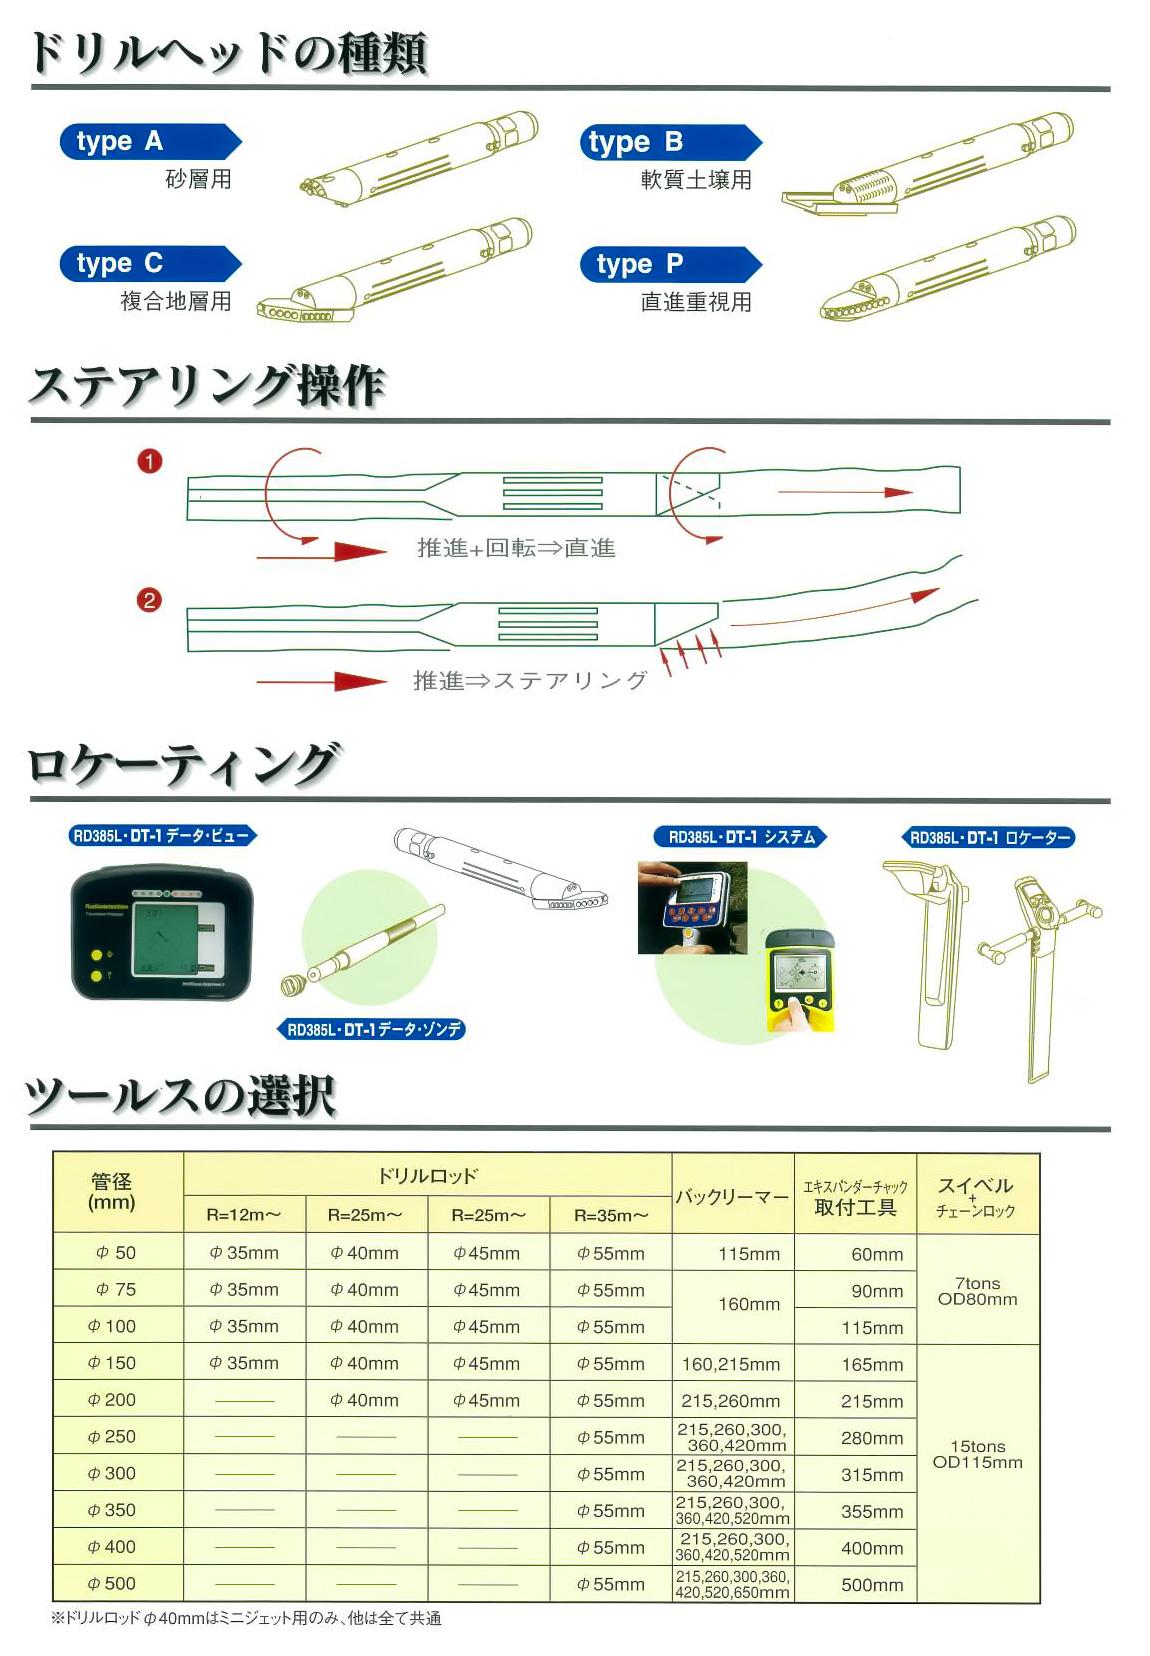 テラジェット工法の使用機材